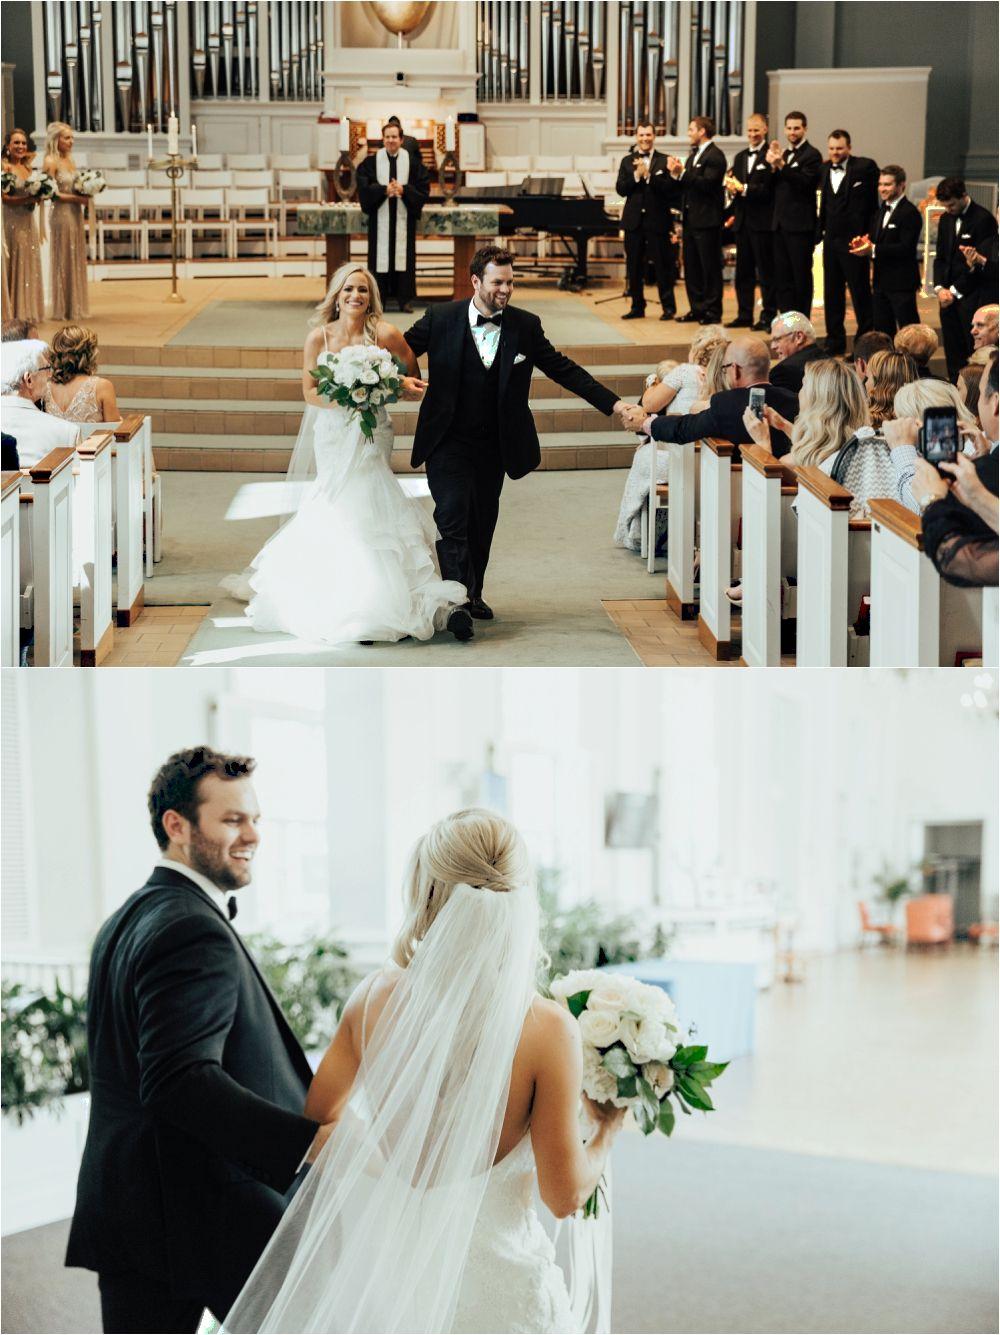 Clic Lake Minnetonka Wedding Lafayette Club Wayzata Community Church White Green And Gold